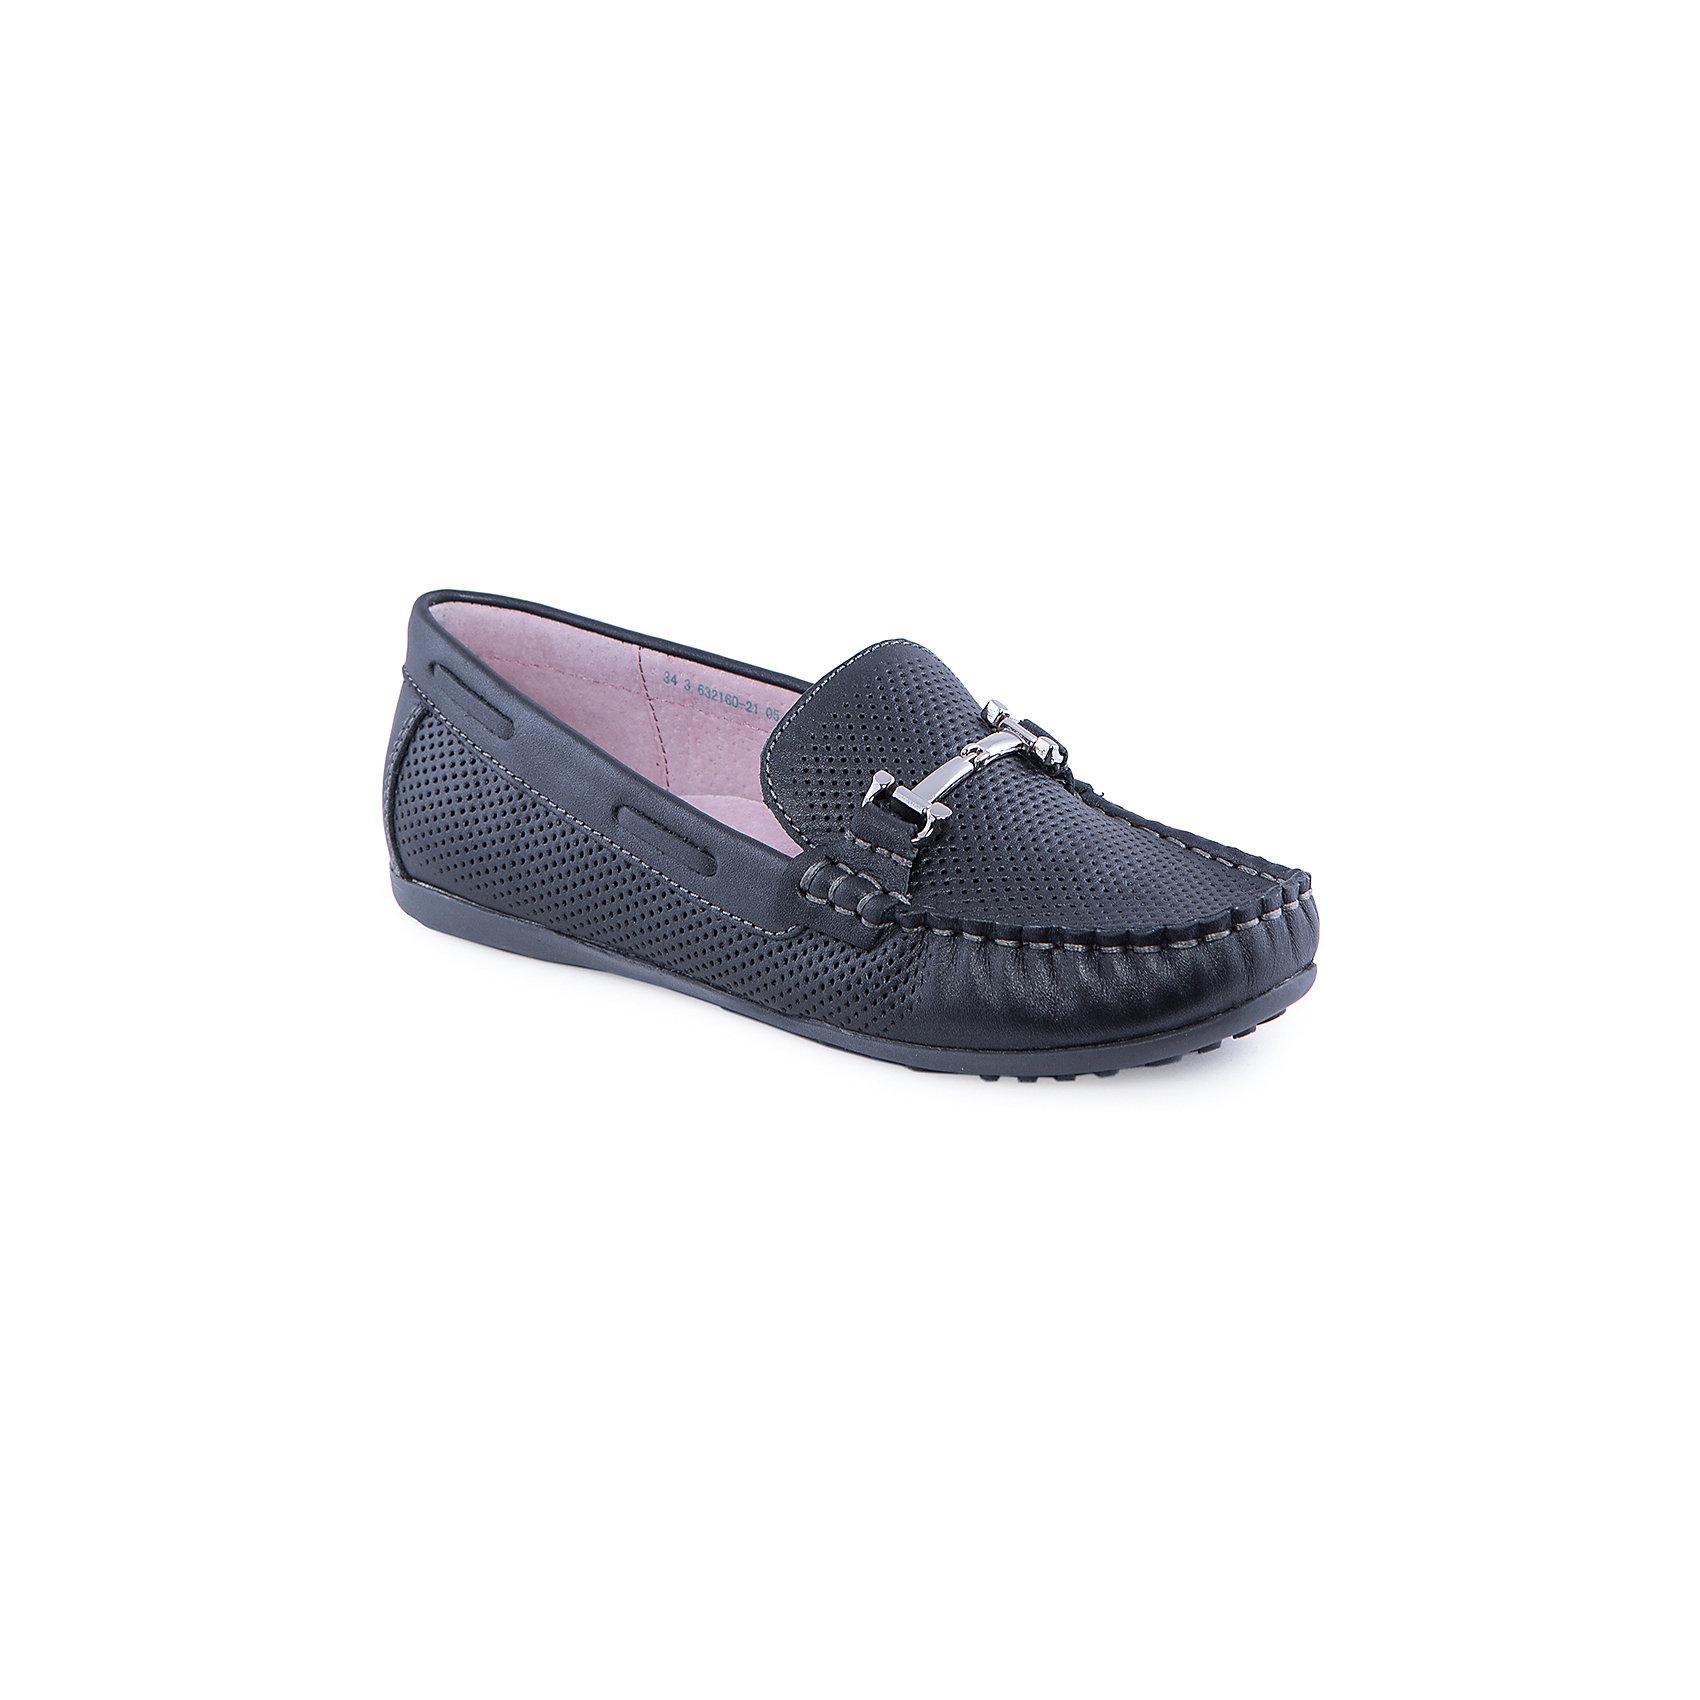 Мокасины для девочки КотофейМокасины от популярной марки Котофей.<br>Модные кожаные мокасины станут удобной универсальной обувью для школы. Благодаря оригинальной серебристой пряжке они смотрятся нарядно и стильно.<br>Их отличительные особенности:<br>- классическая форма;<br>- универсальный черный цвет;<br>- комфортная колодка;<br>- устойчивая подошва;<br>- позволяют коже ног дышать;<br>- материал – качественная натуральная кожа.<br>Дополнительная информация:<br>- Температурный режим: от + 10° С  до + 25° С.<br>- Состав:<br>материал верха: натуральная кожа<br>материал подкладки: натуральная кожа<br>подошва: ТЭП.<br>Мокасины Котофей можно купить в нашем магазине.<br><br>Ширина мм: 227<br>Глубина мм: 145<br>Высота мм: 124<br>Вес г: 325<br>Цвет: черный<br>Возраст от месяцев: 144<br>Возраст до месяцев: 156<br>Пол: Женский<br>Возраст: Детский<br>Размер: 36,32,34,37,35,33<br>SKU: 4206839